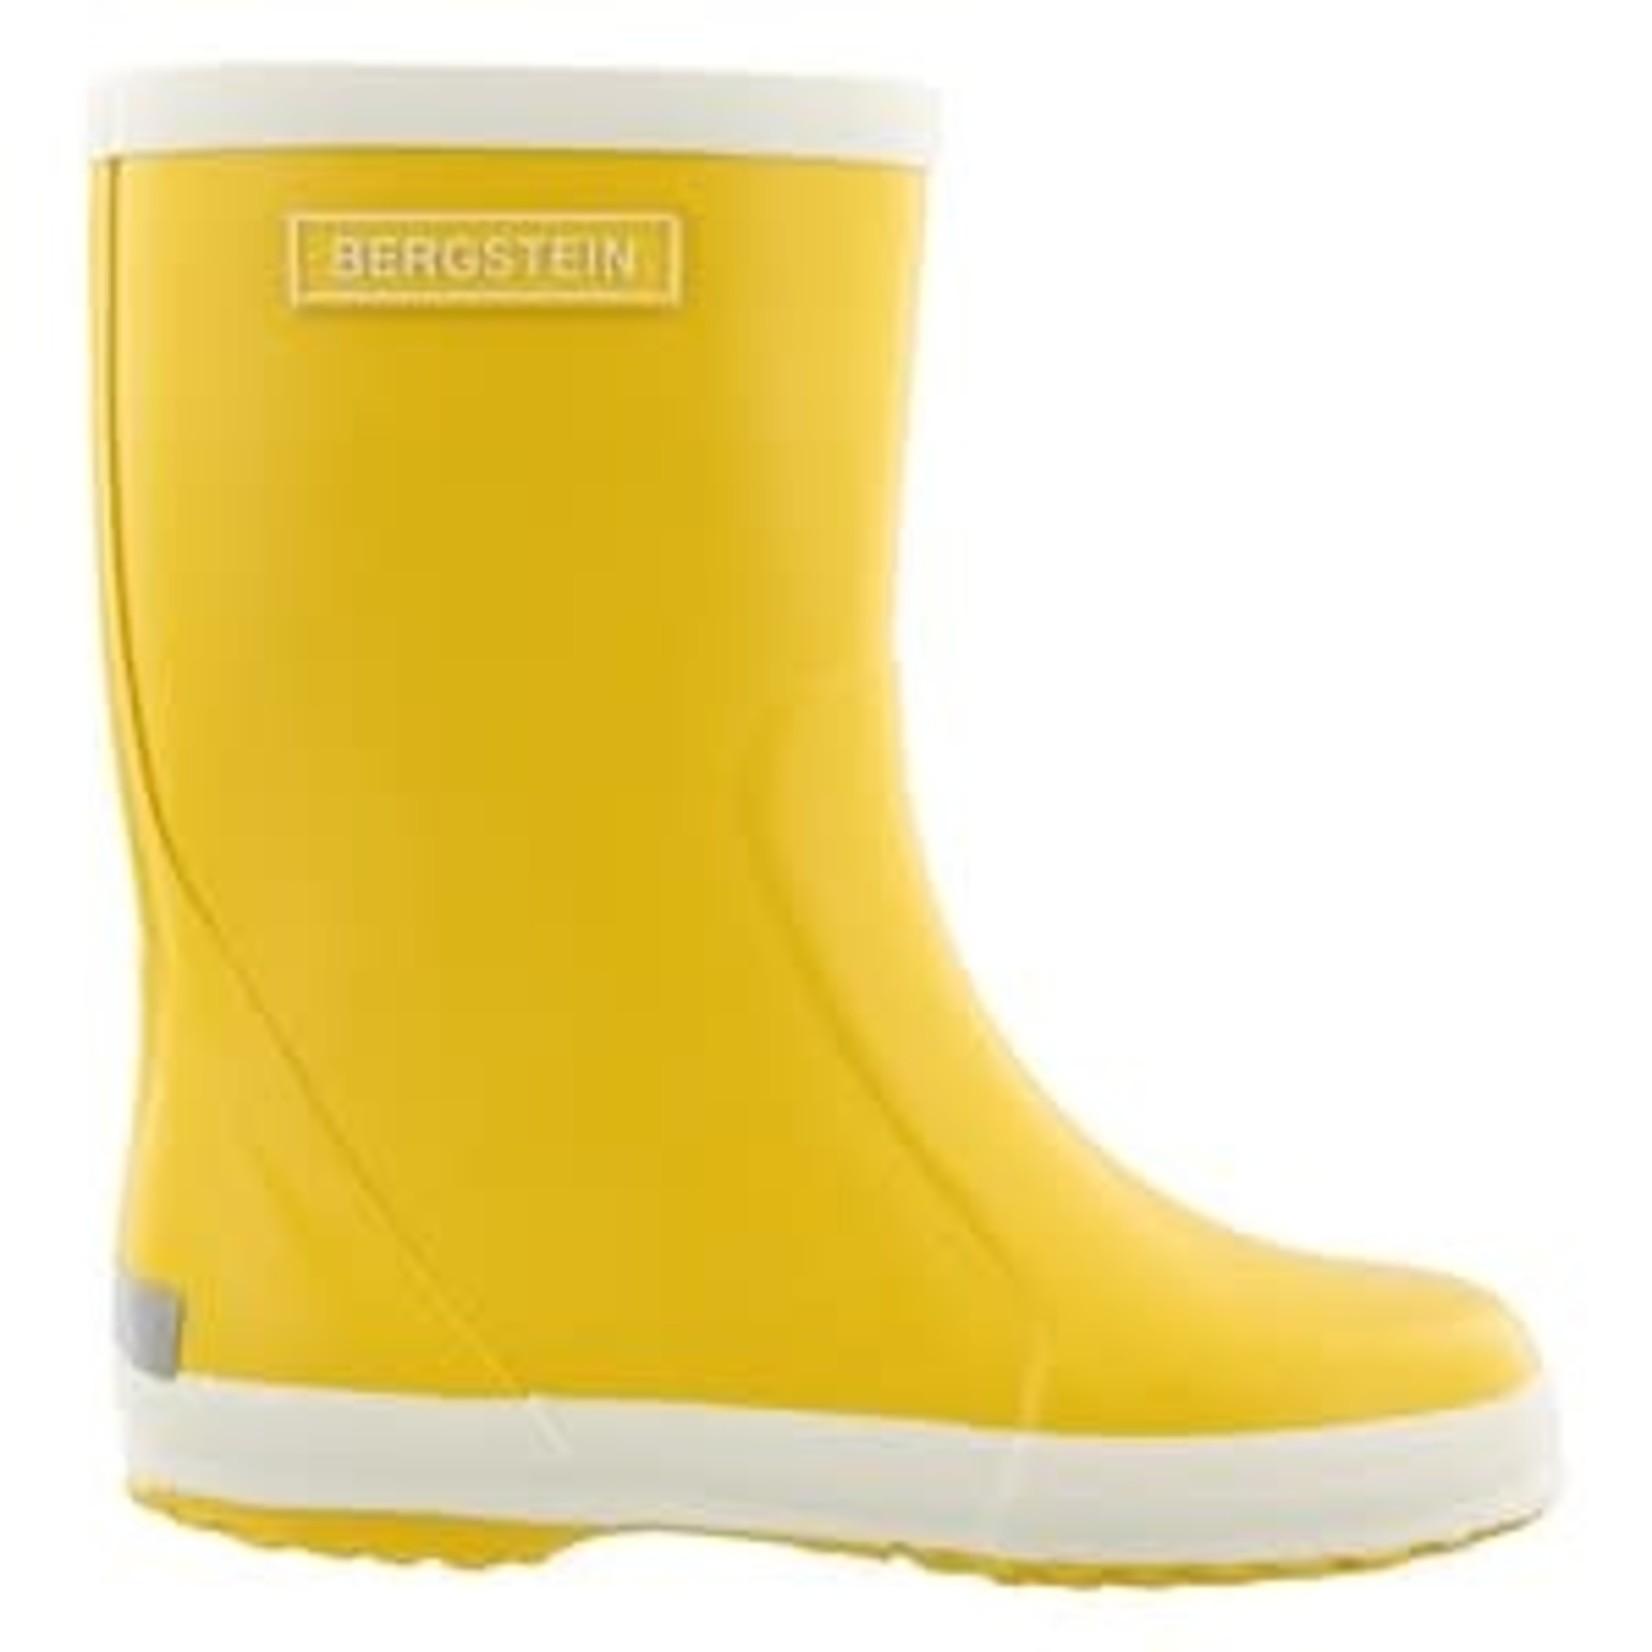 BERGSTEIN BERGSTEIN regenlaars geel